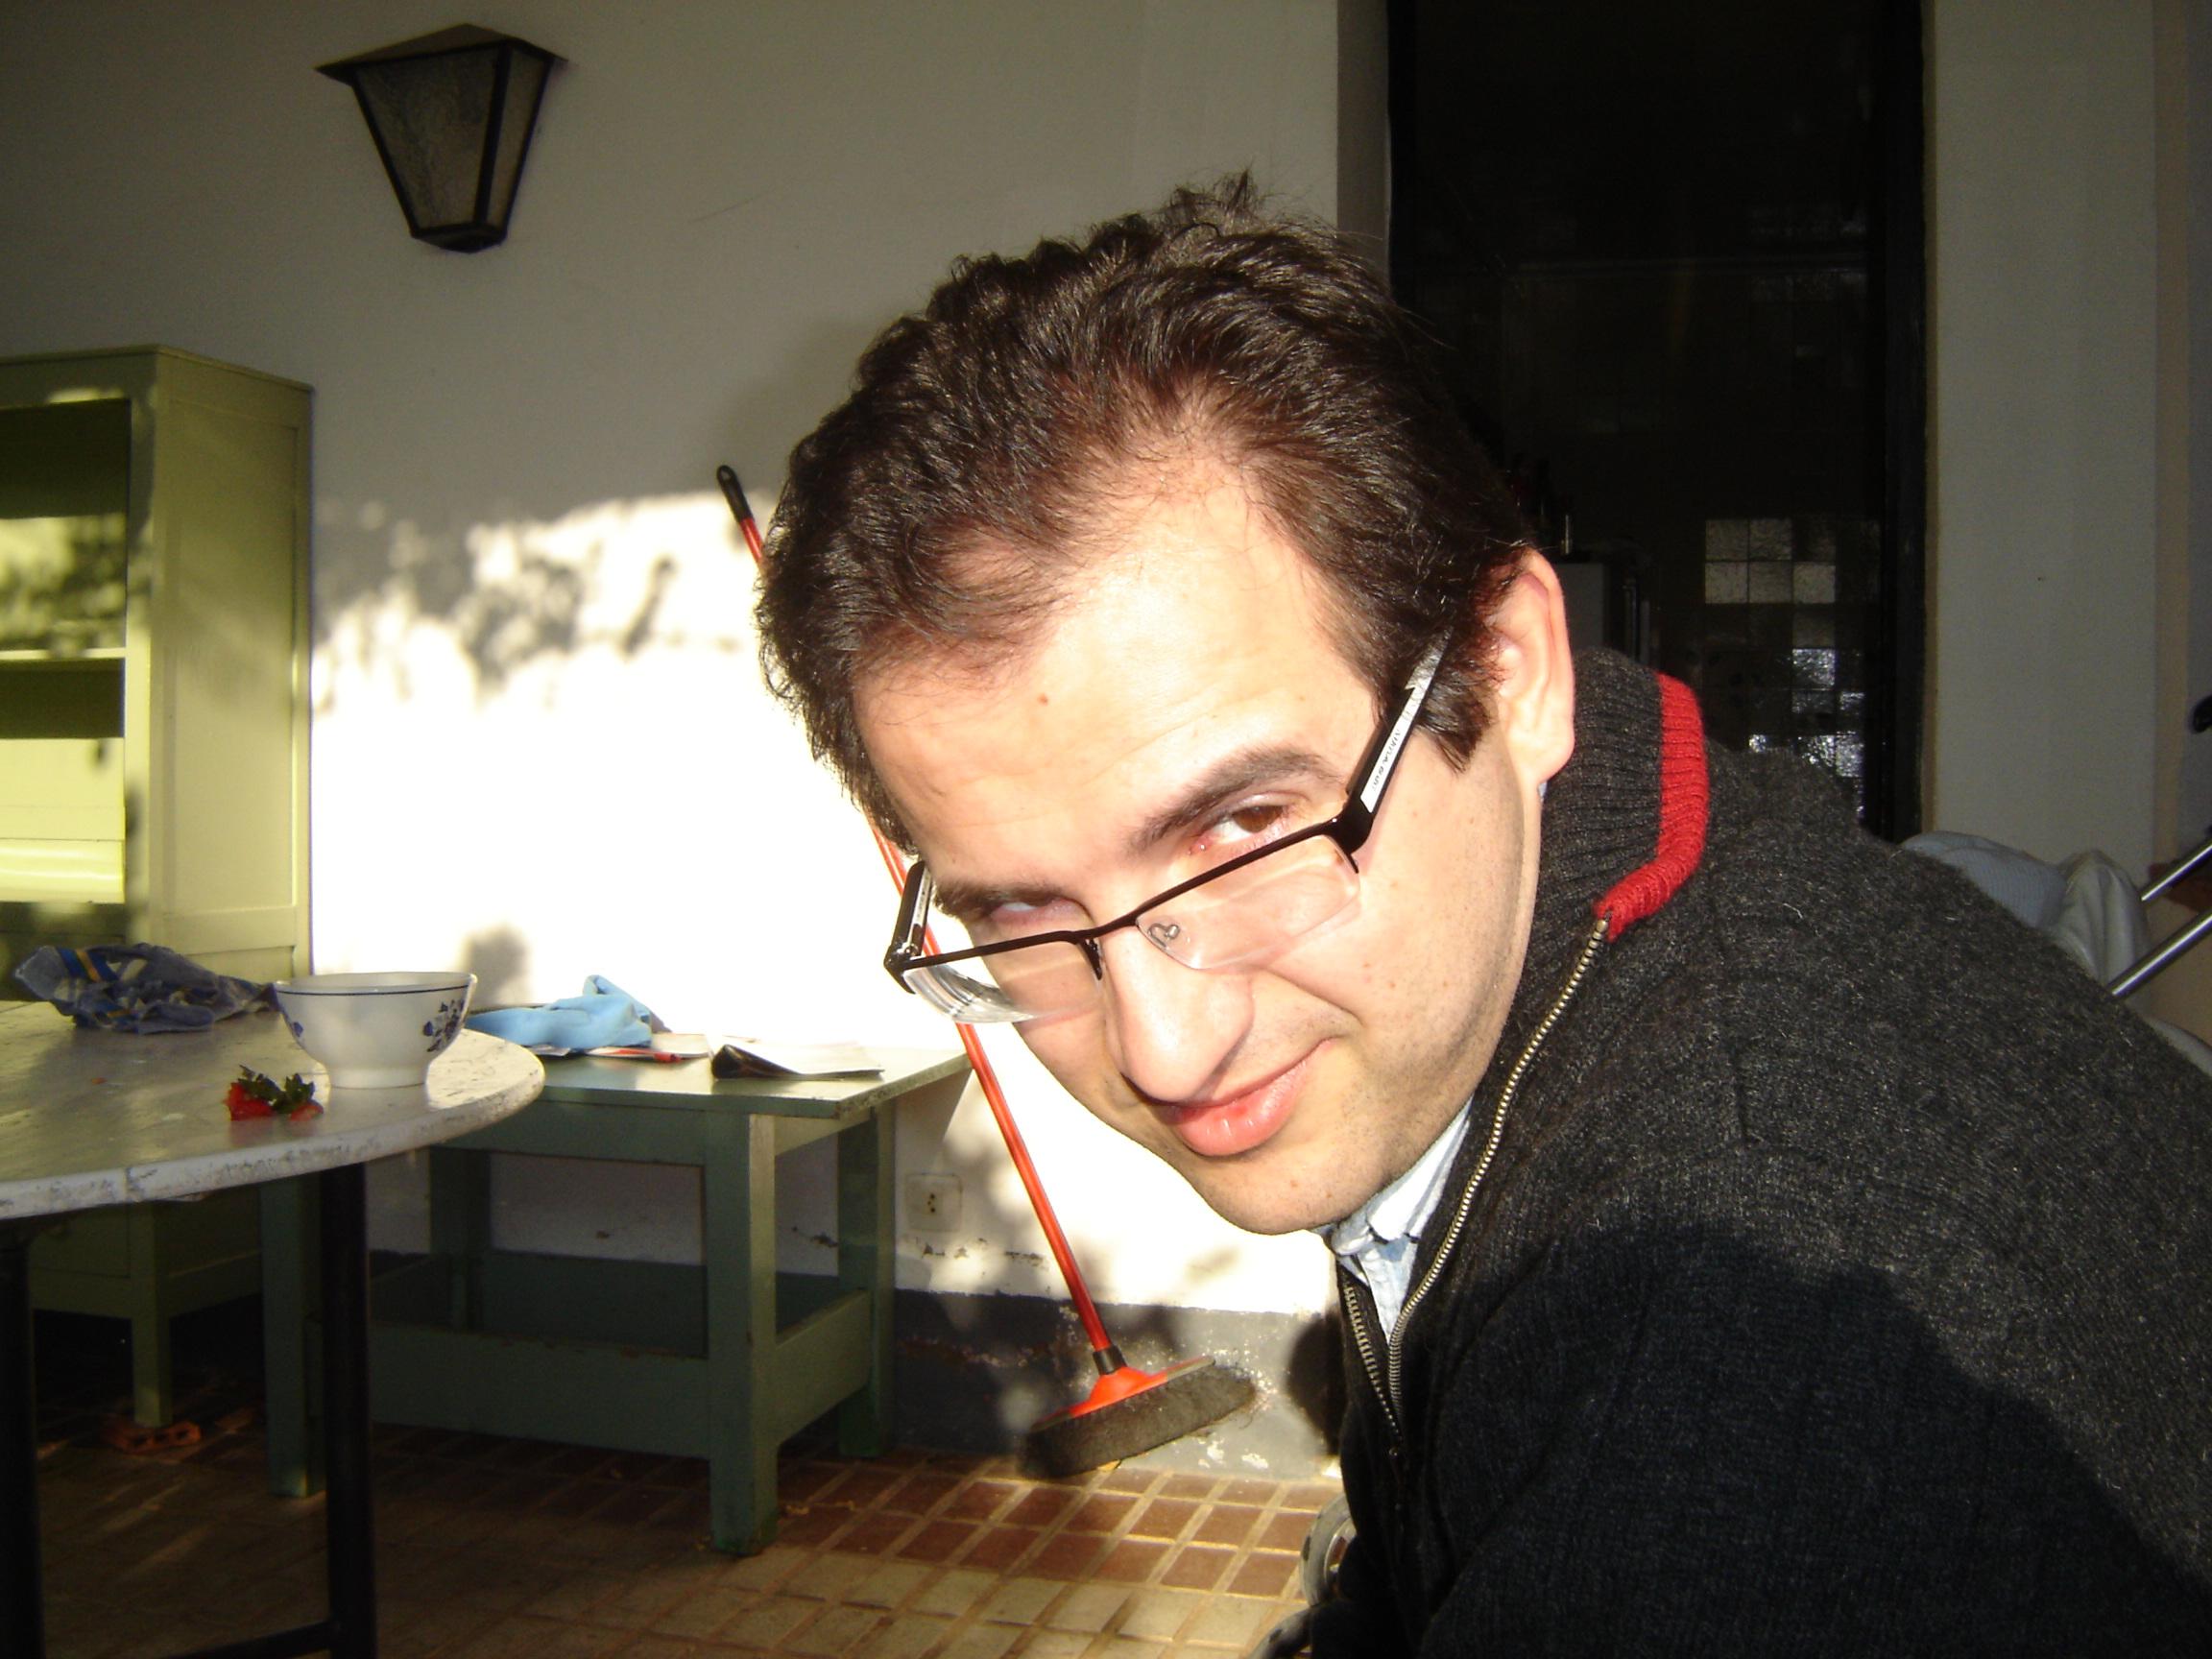 Luis Rull Navidades 2007